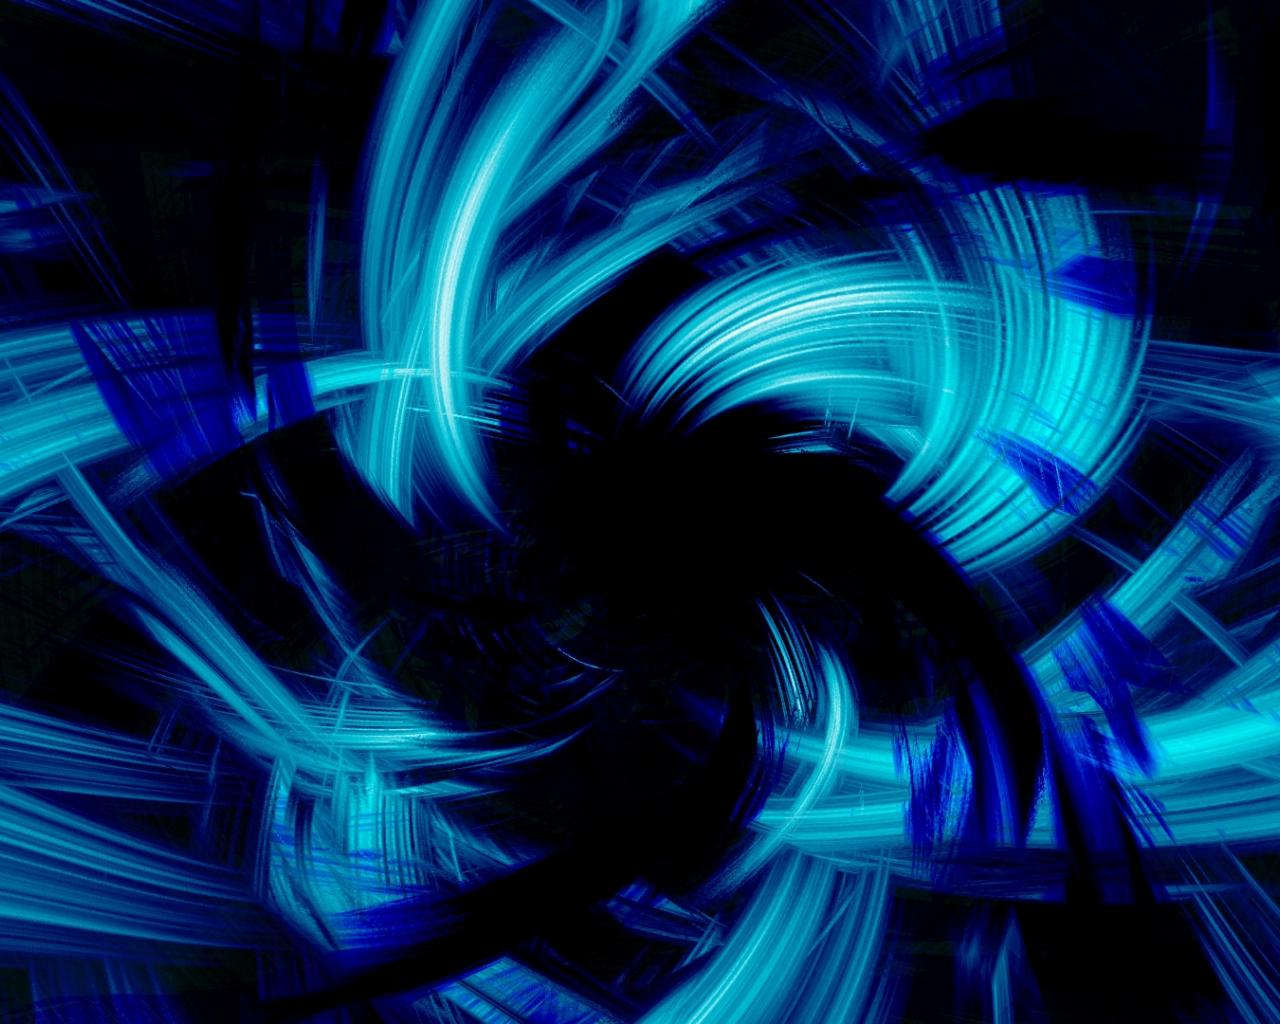 Electric Blue 4k Wallpaper [3840x2160 ...